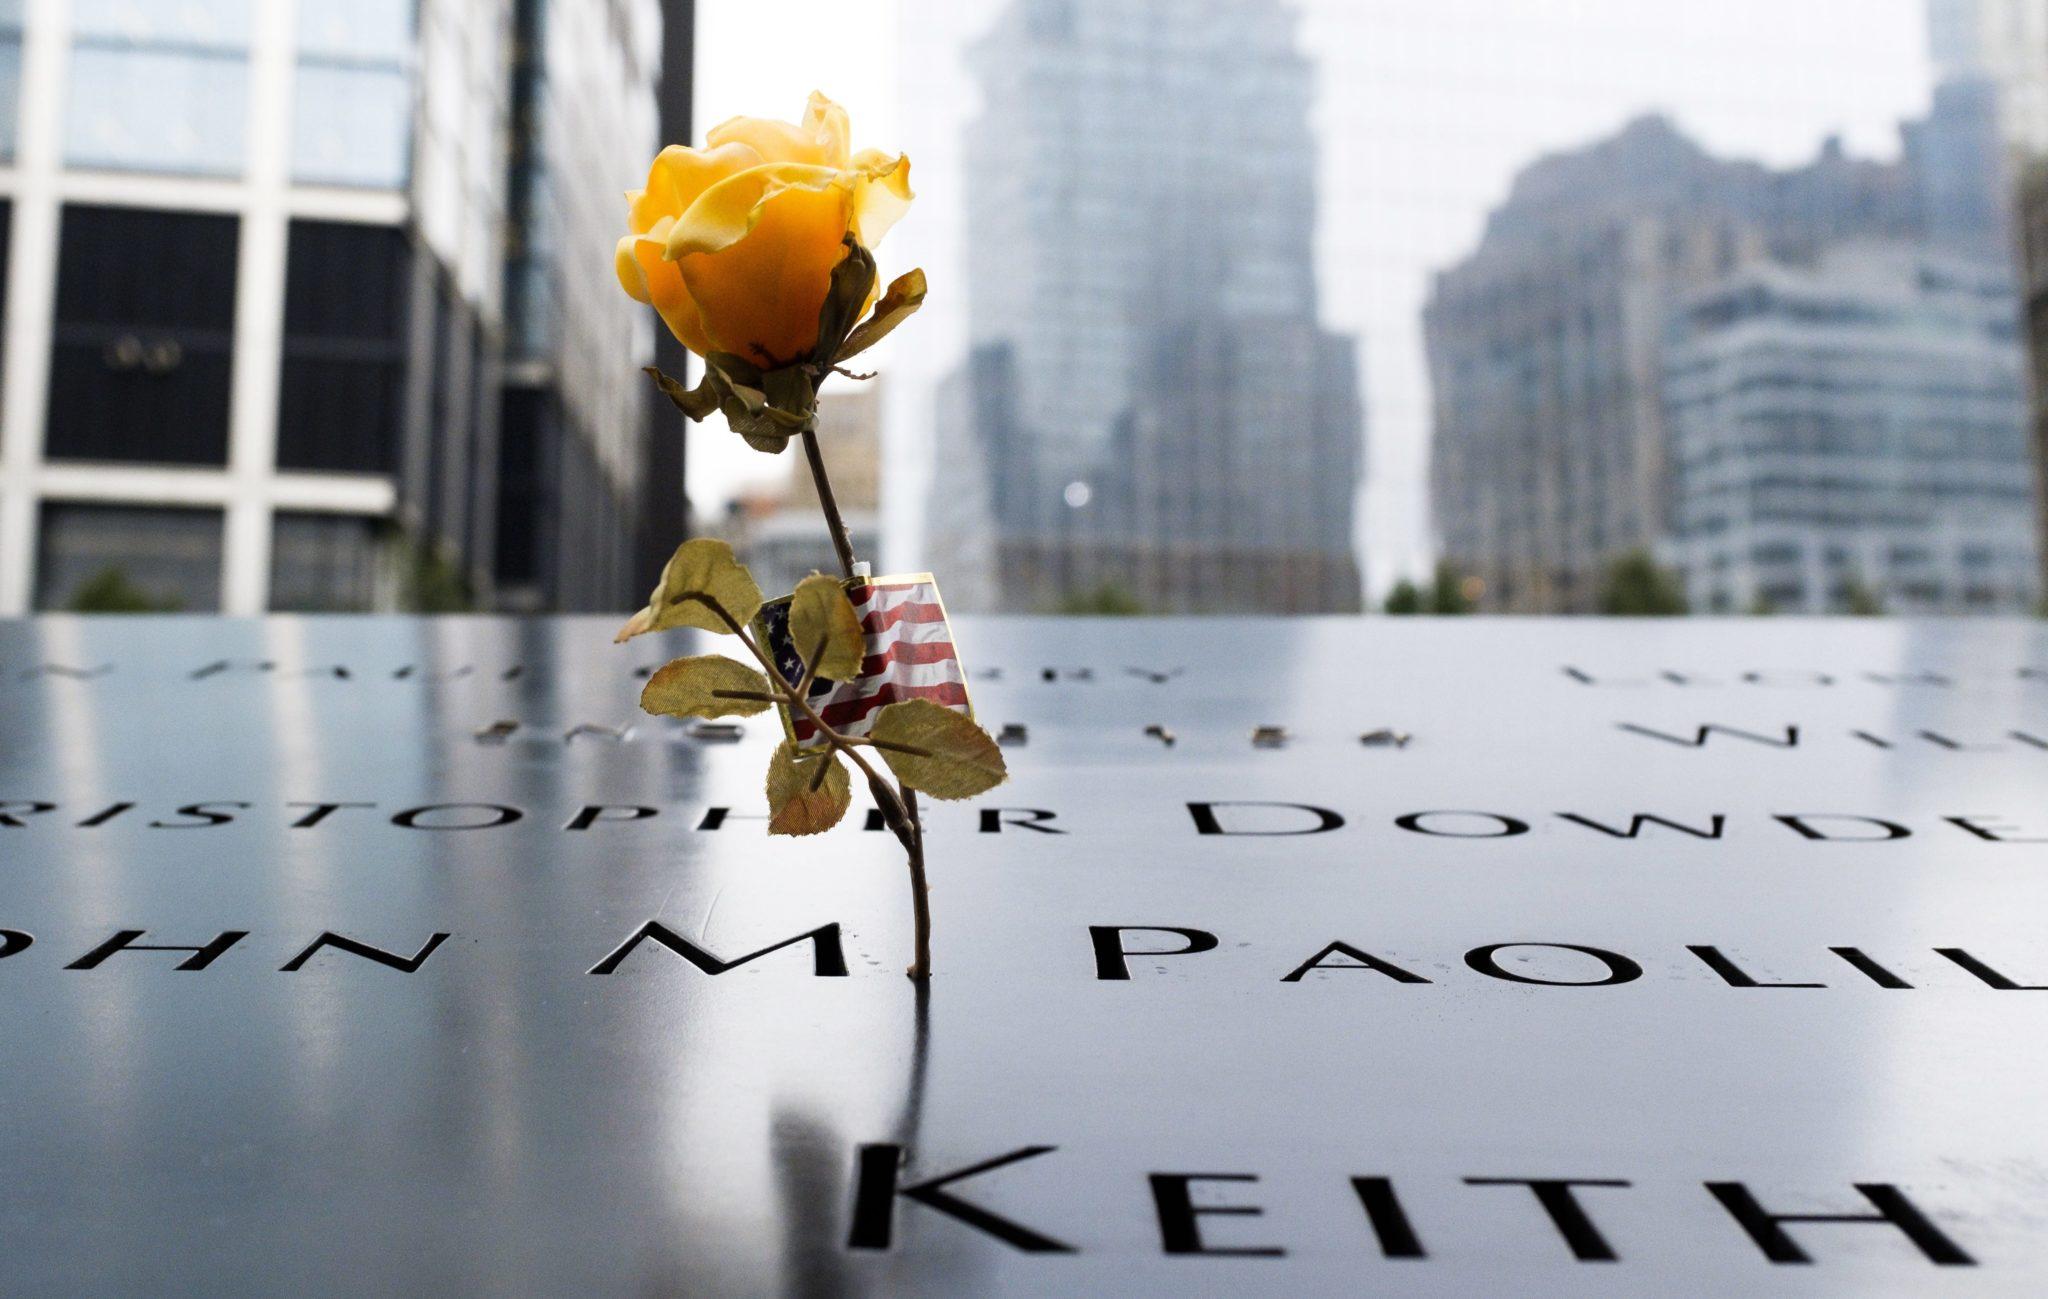 Nowy Jork, USA: kwiat złożony na memoriale 9/11, dziś mija 17. rocznica ataków terrorystycznych na World Trade Center, fot. Justin Lane, PAP/EPA